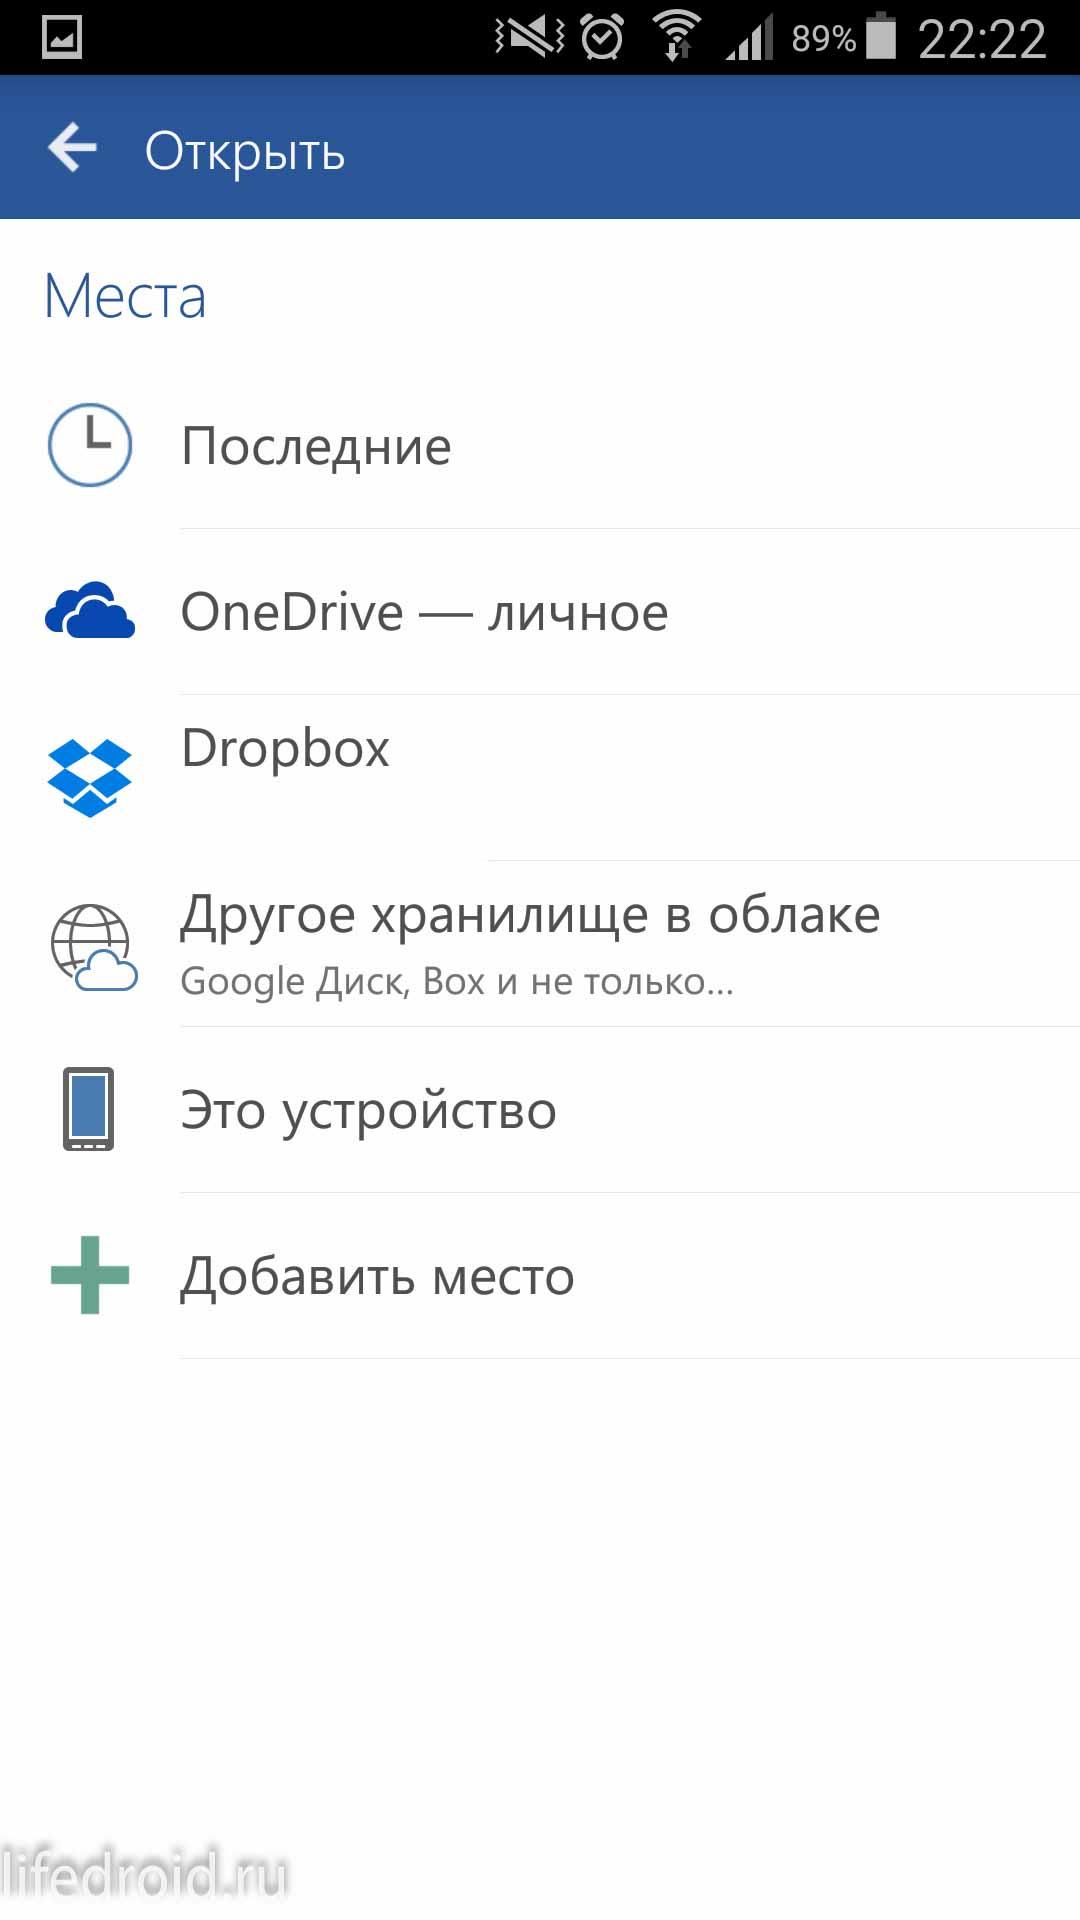 Месторасположение файлов